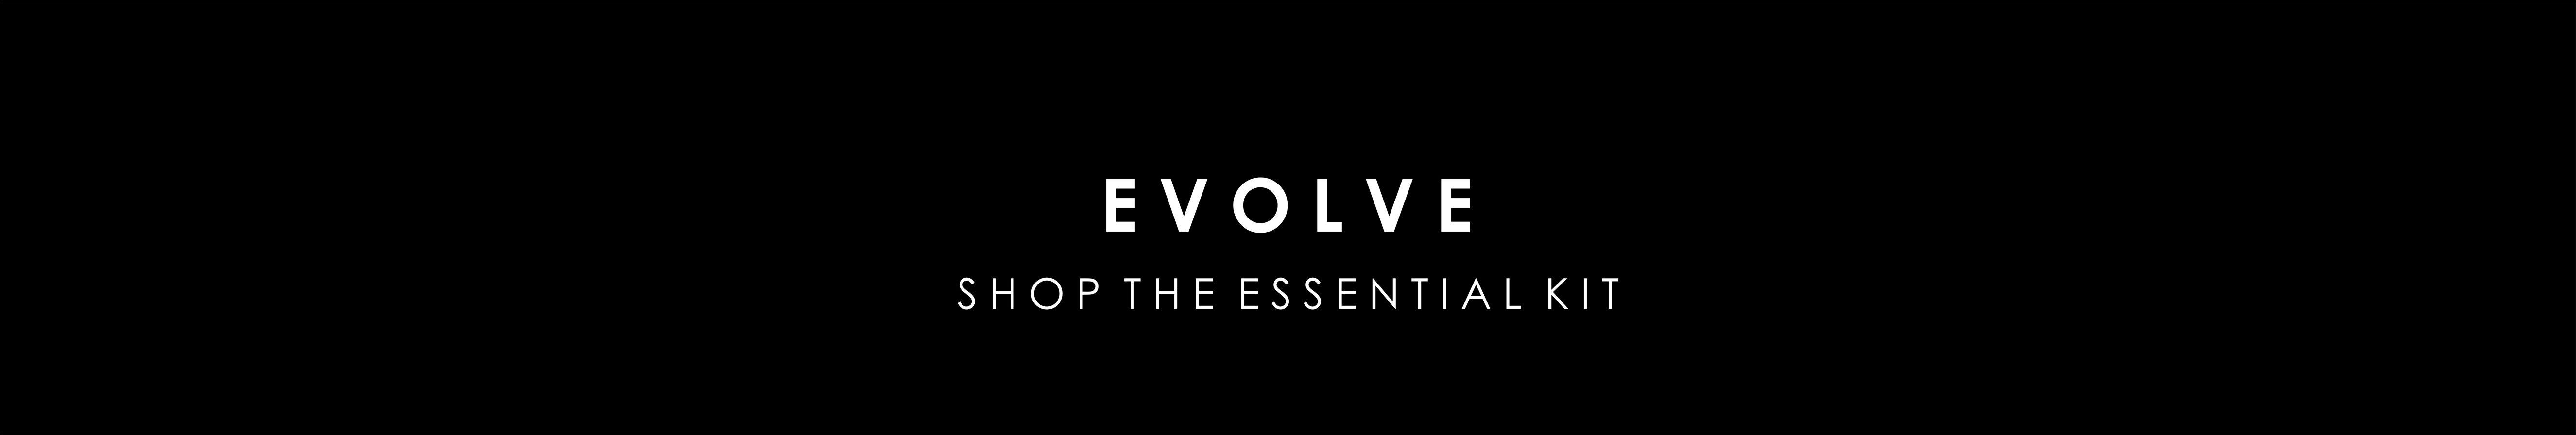 evolve-banner.jpg